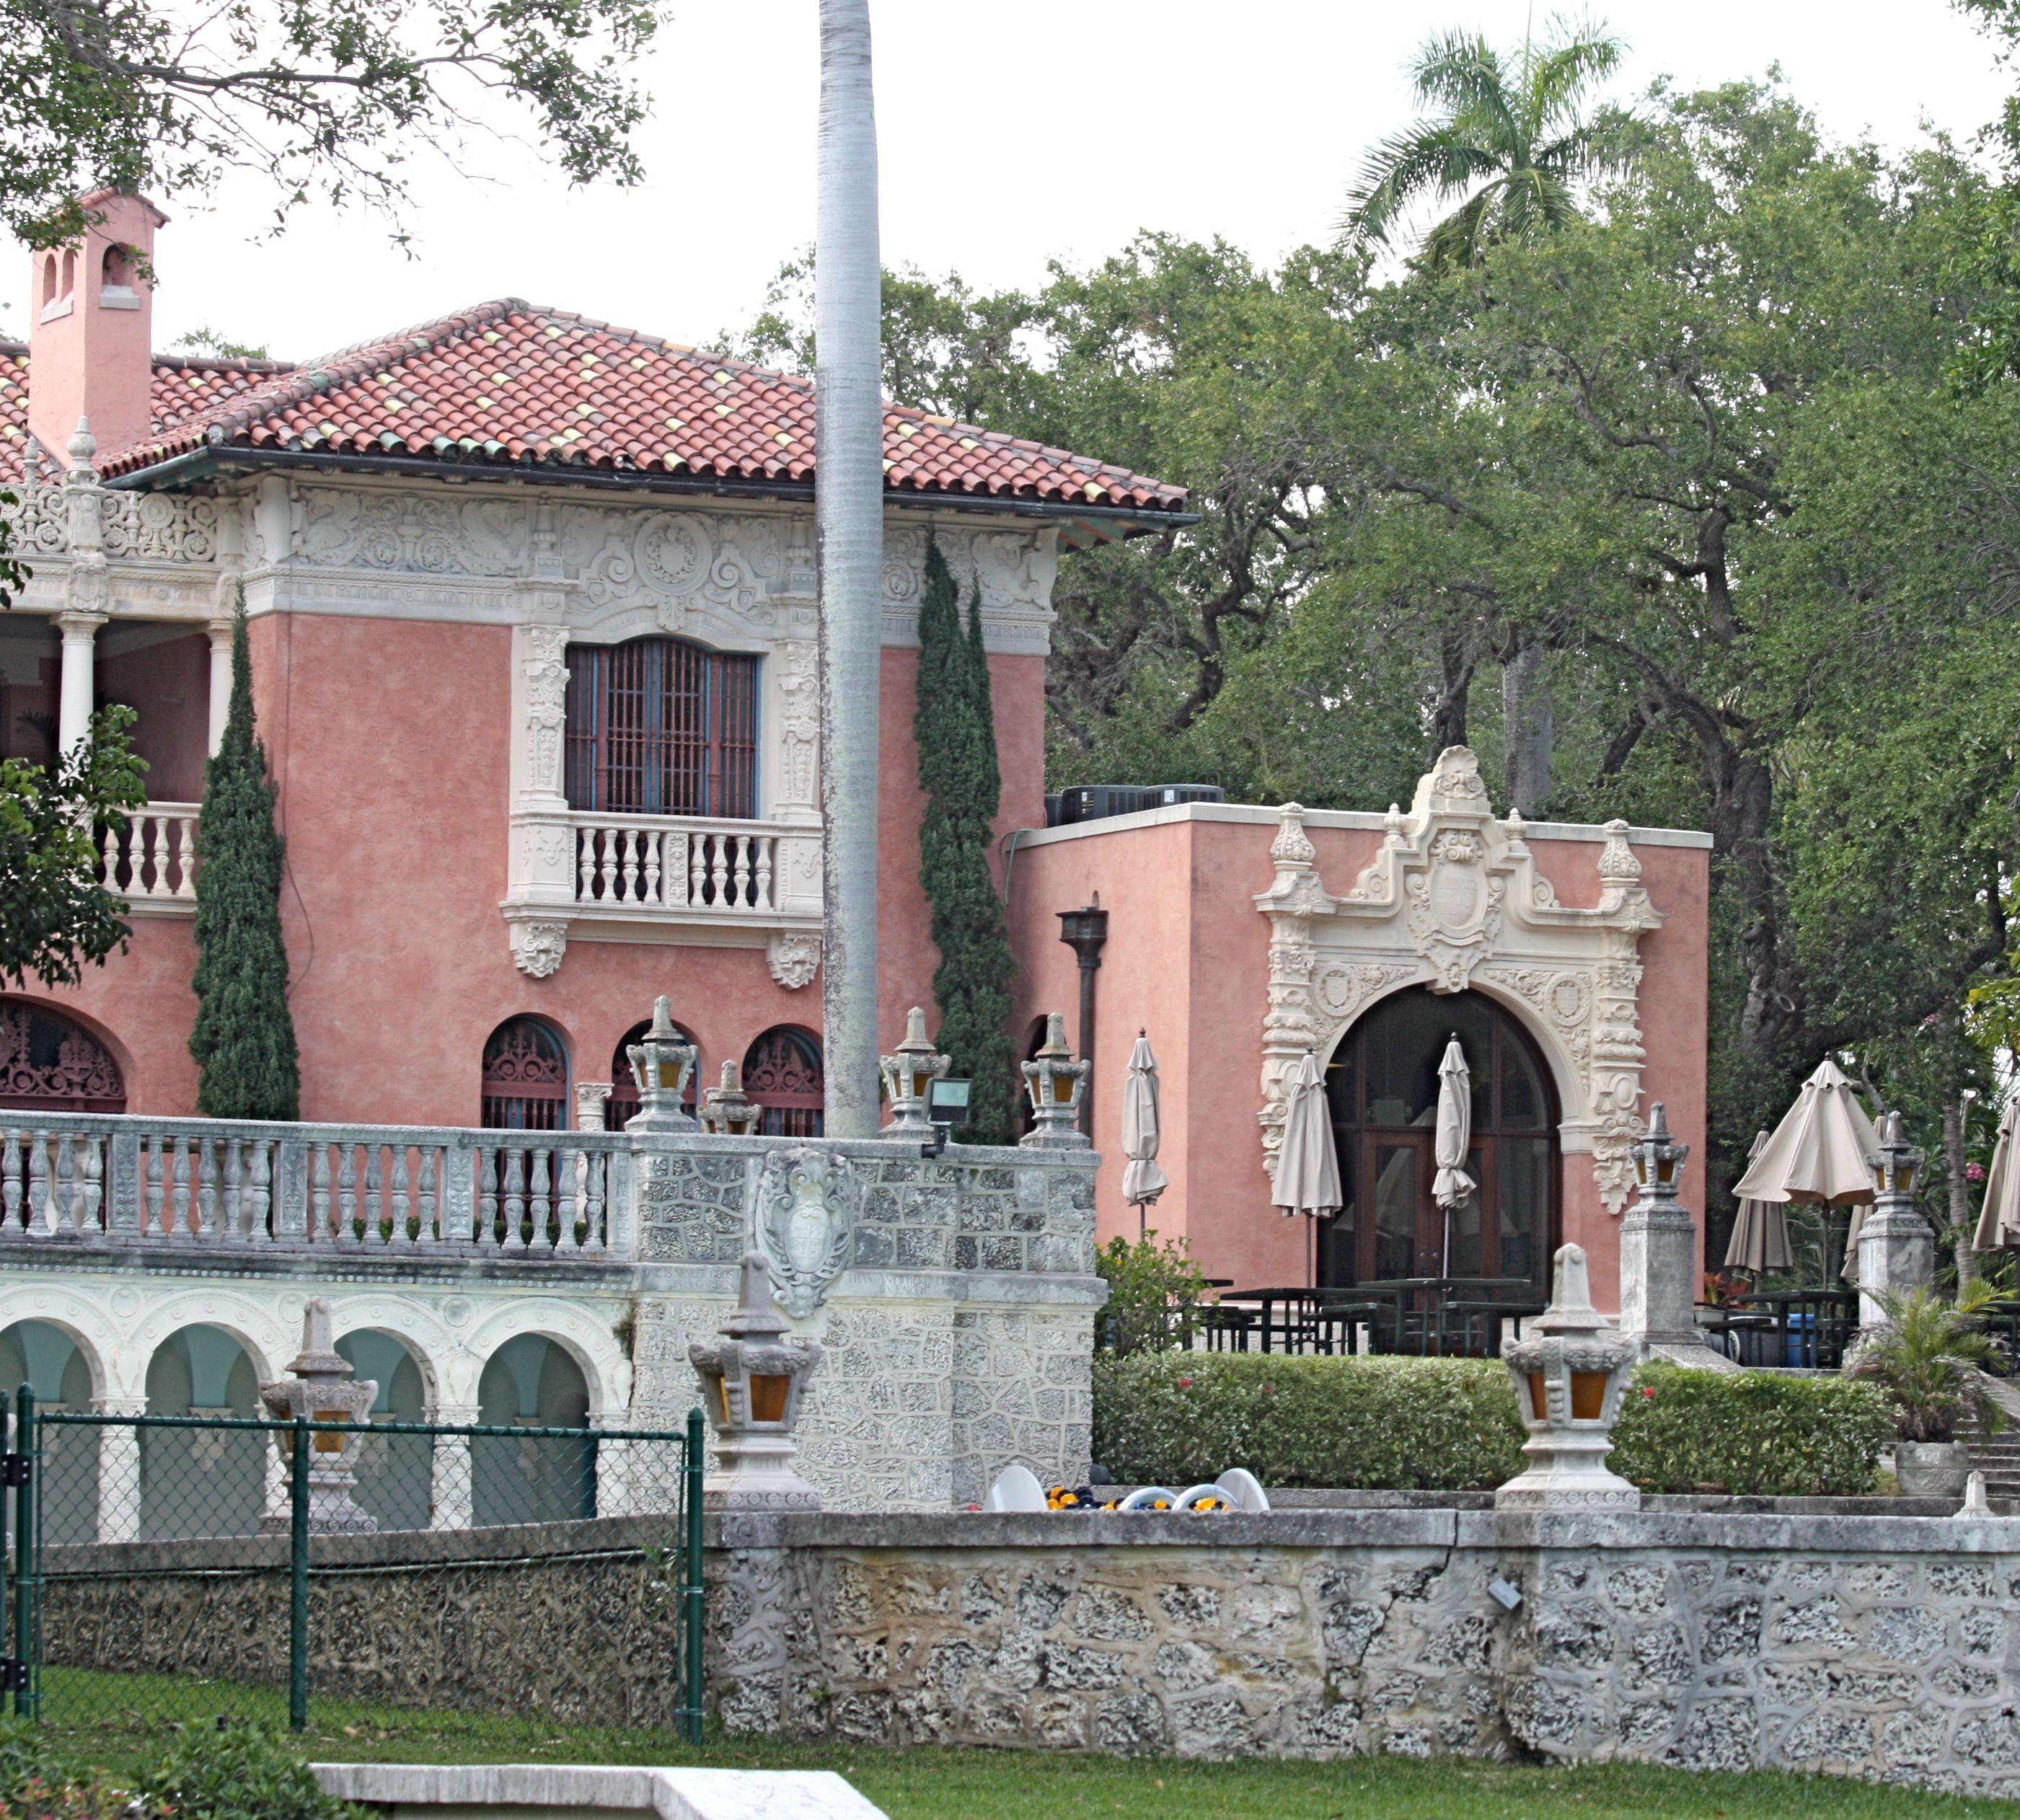 e8cccb85410e439bae054c7a0ab9f83e - Trinity Christian Academy Palm Beach Gardens